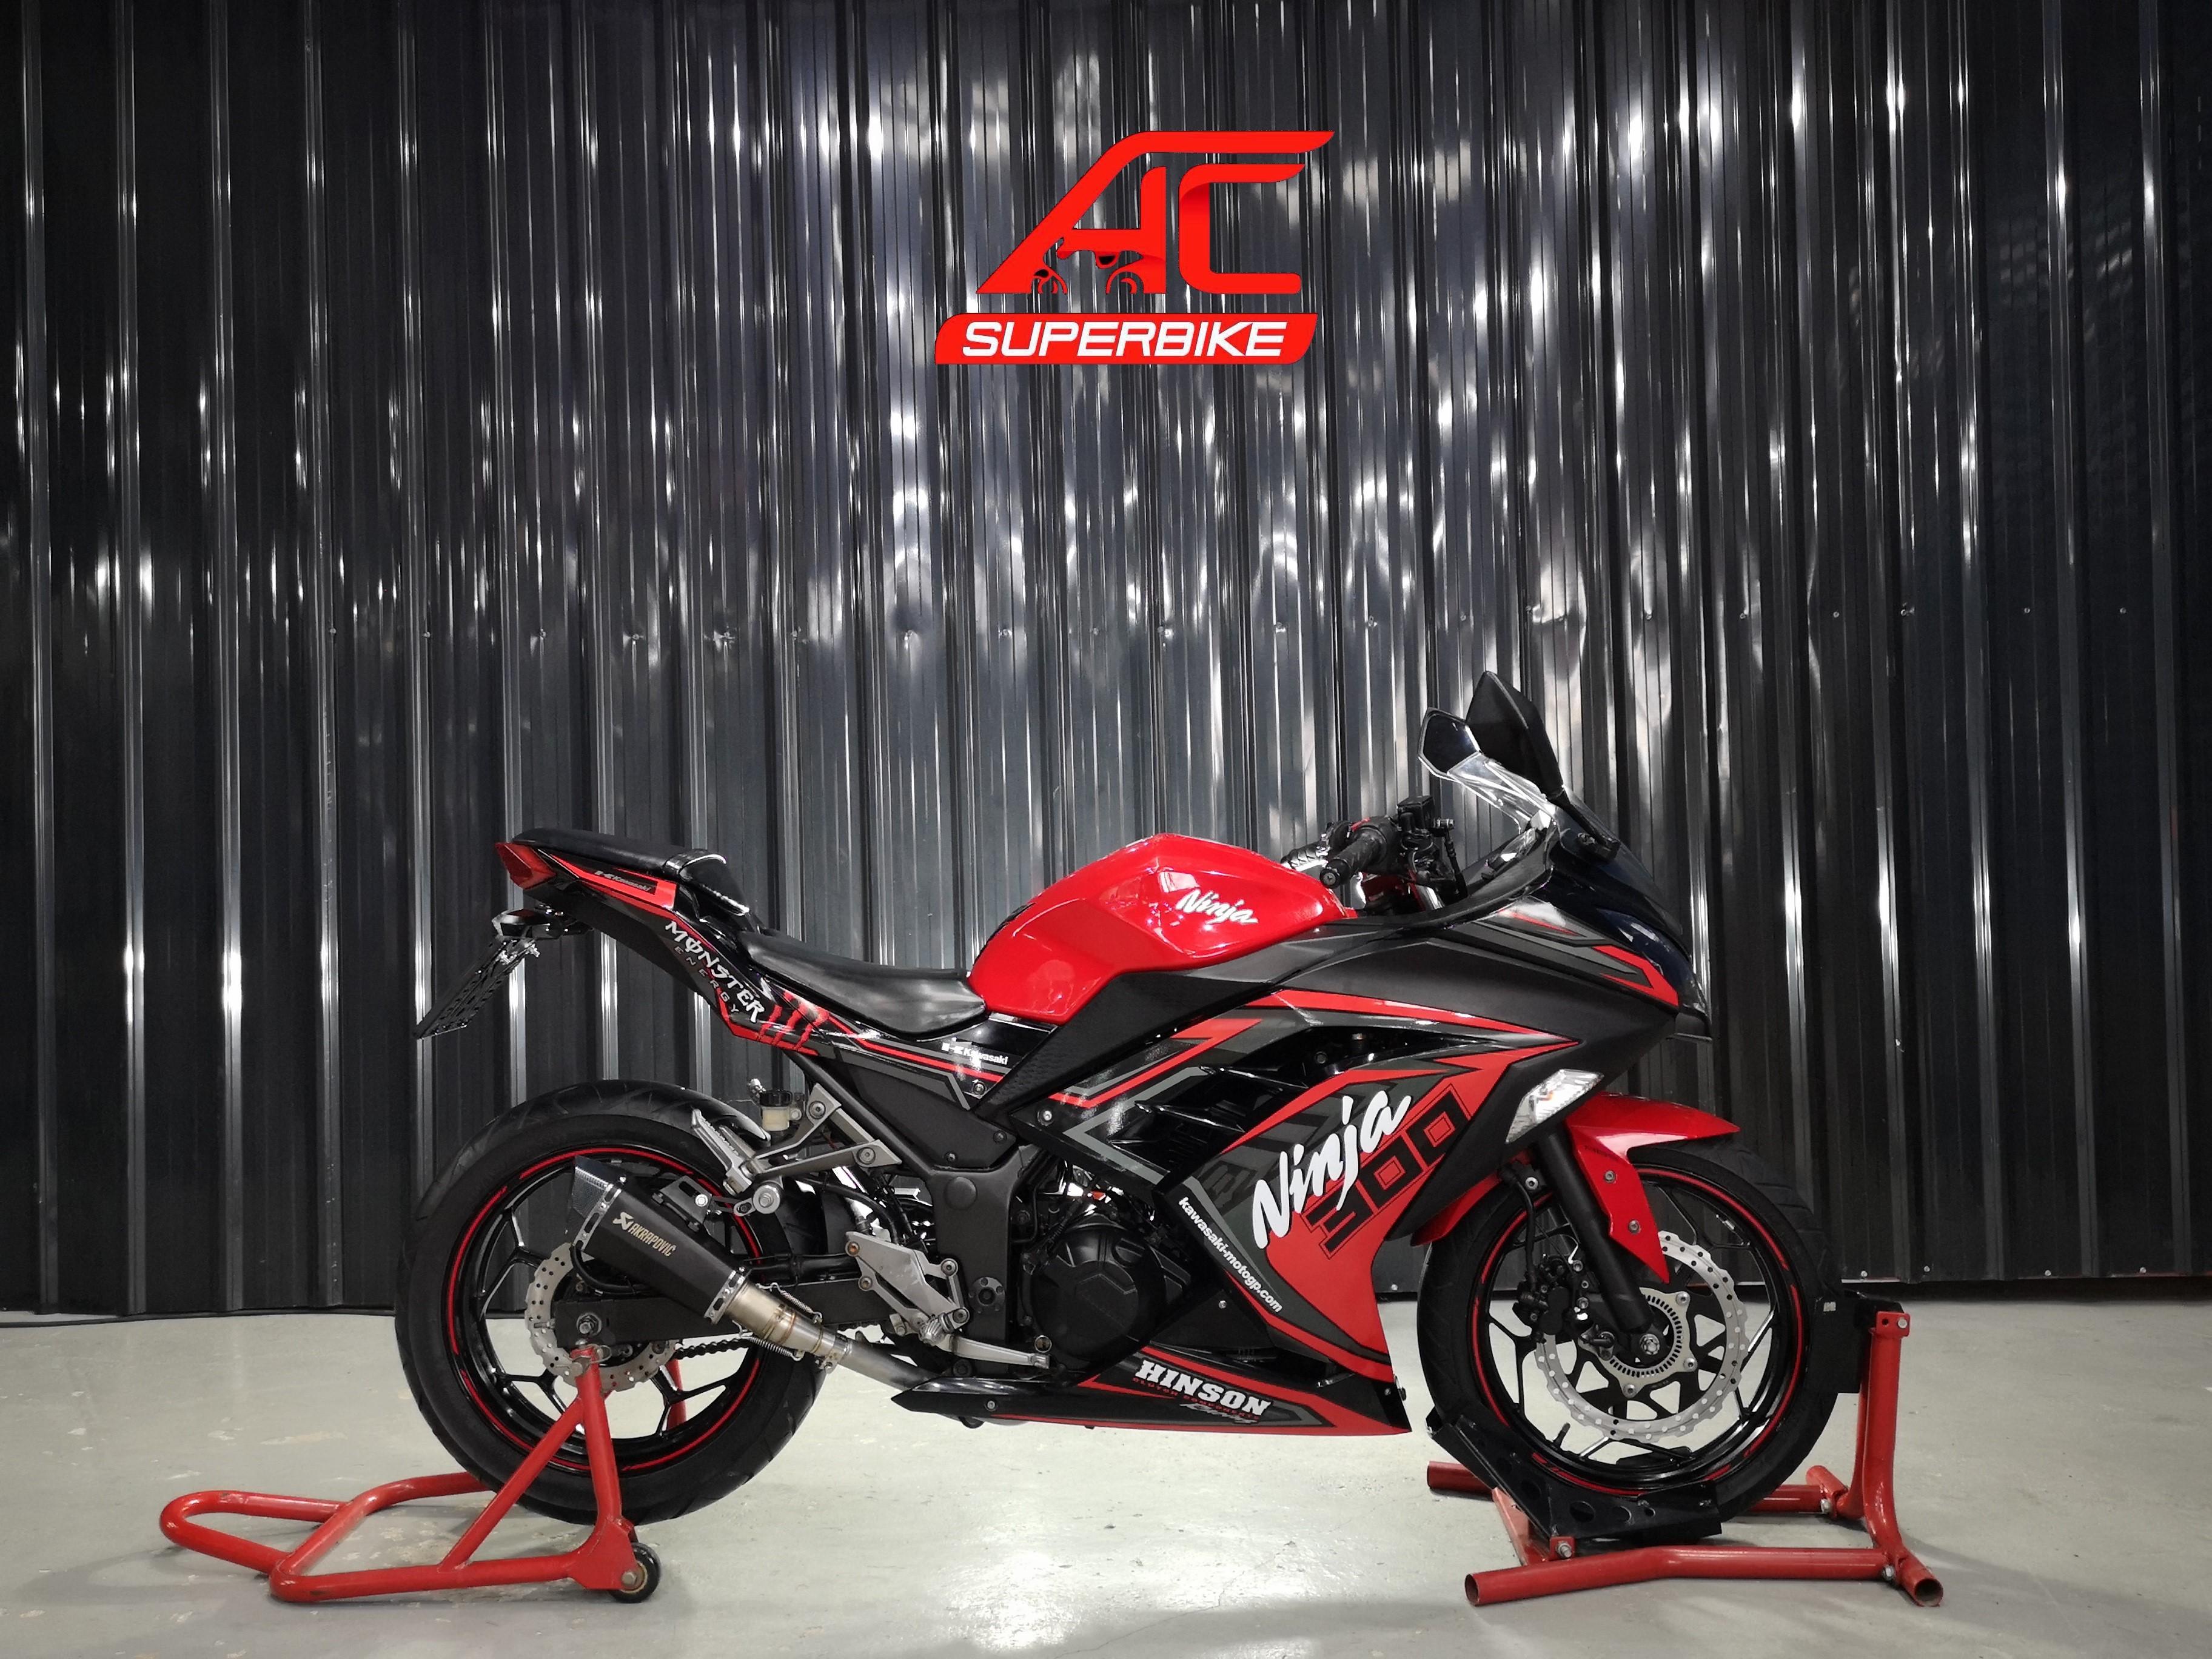 Ninja300 ABS สีดำ-แดง ปี14 (ปิดการขาย)